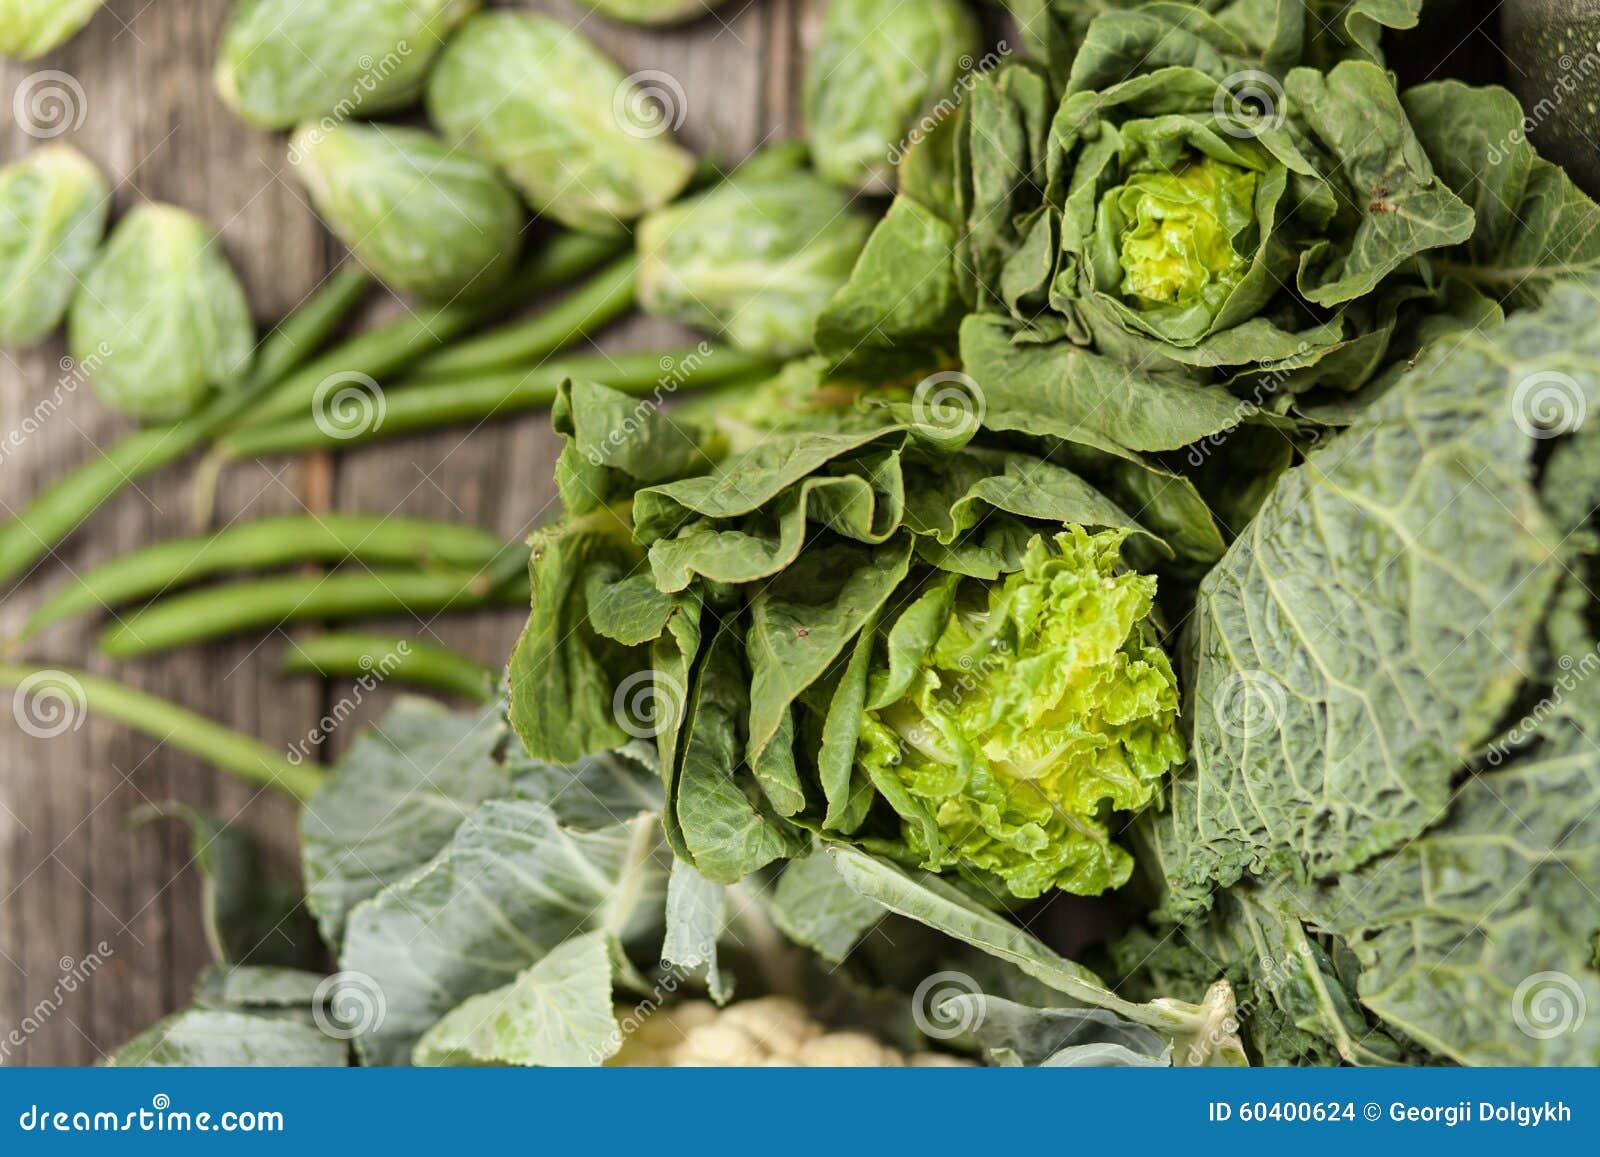 绿色菜的分类